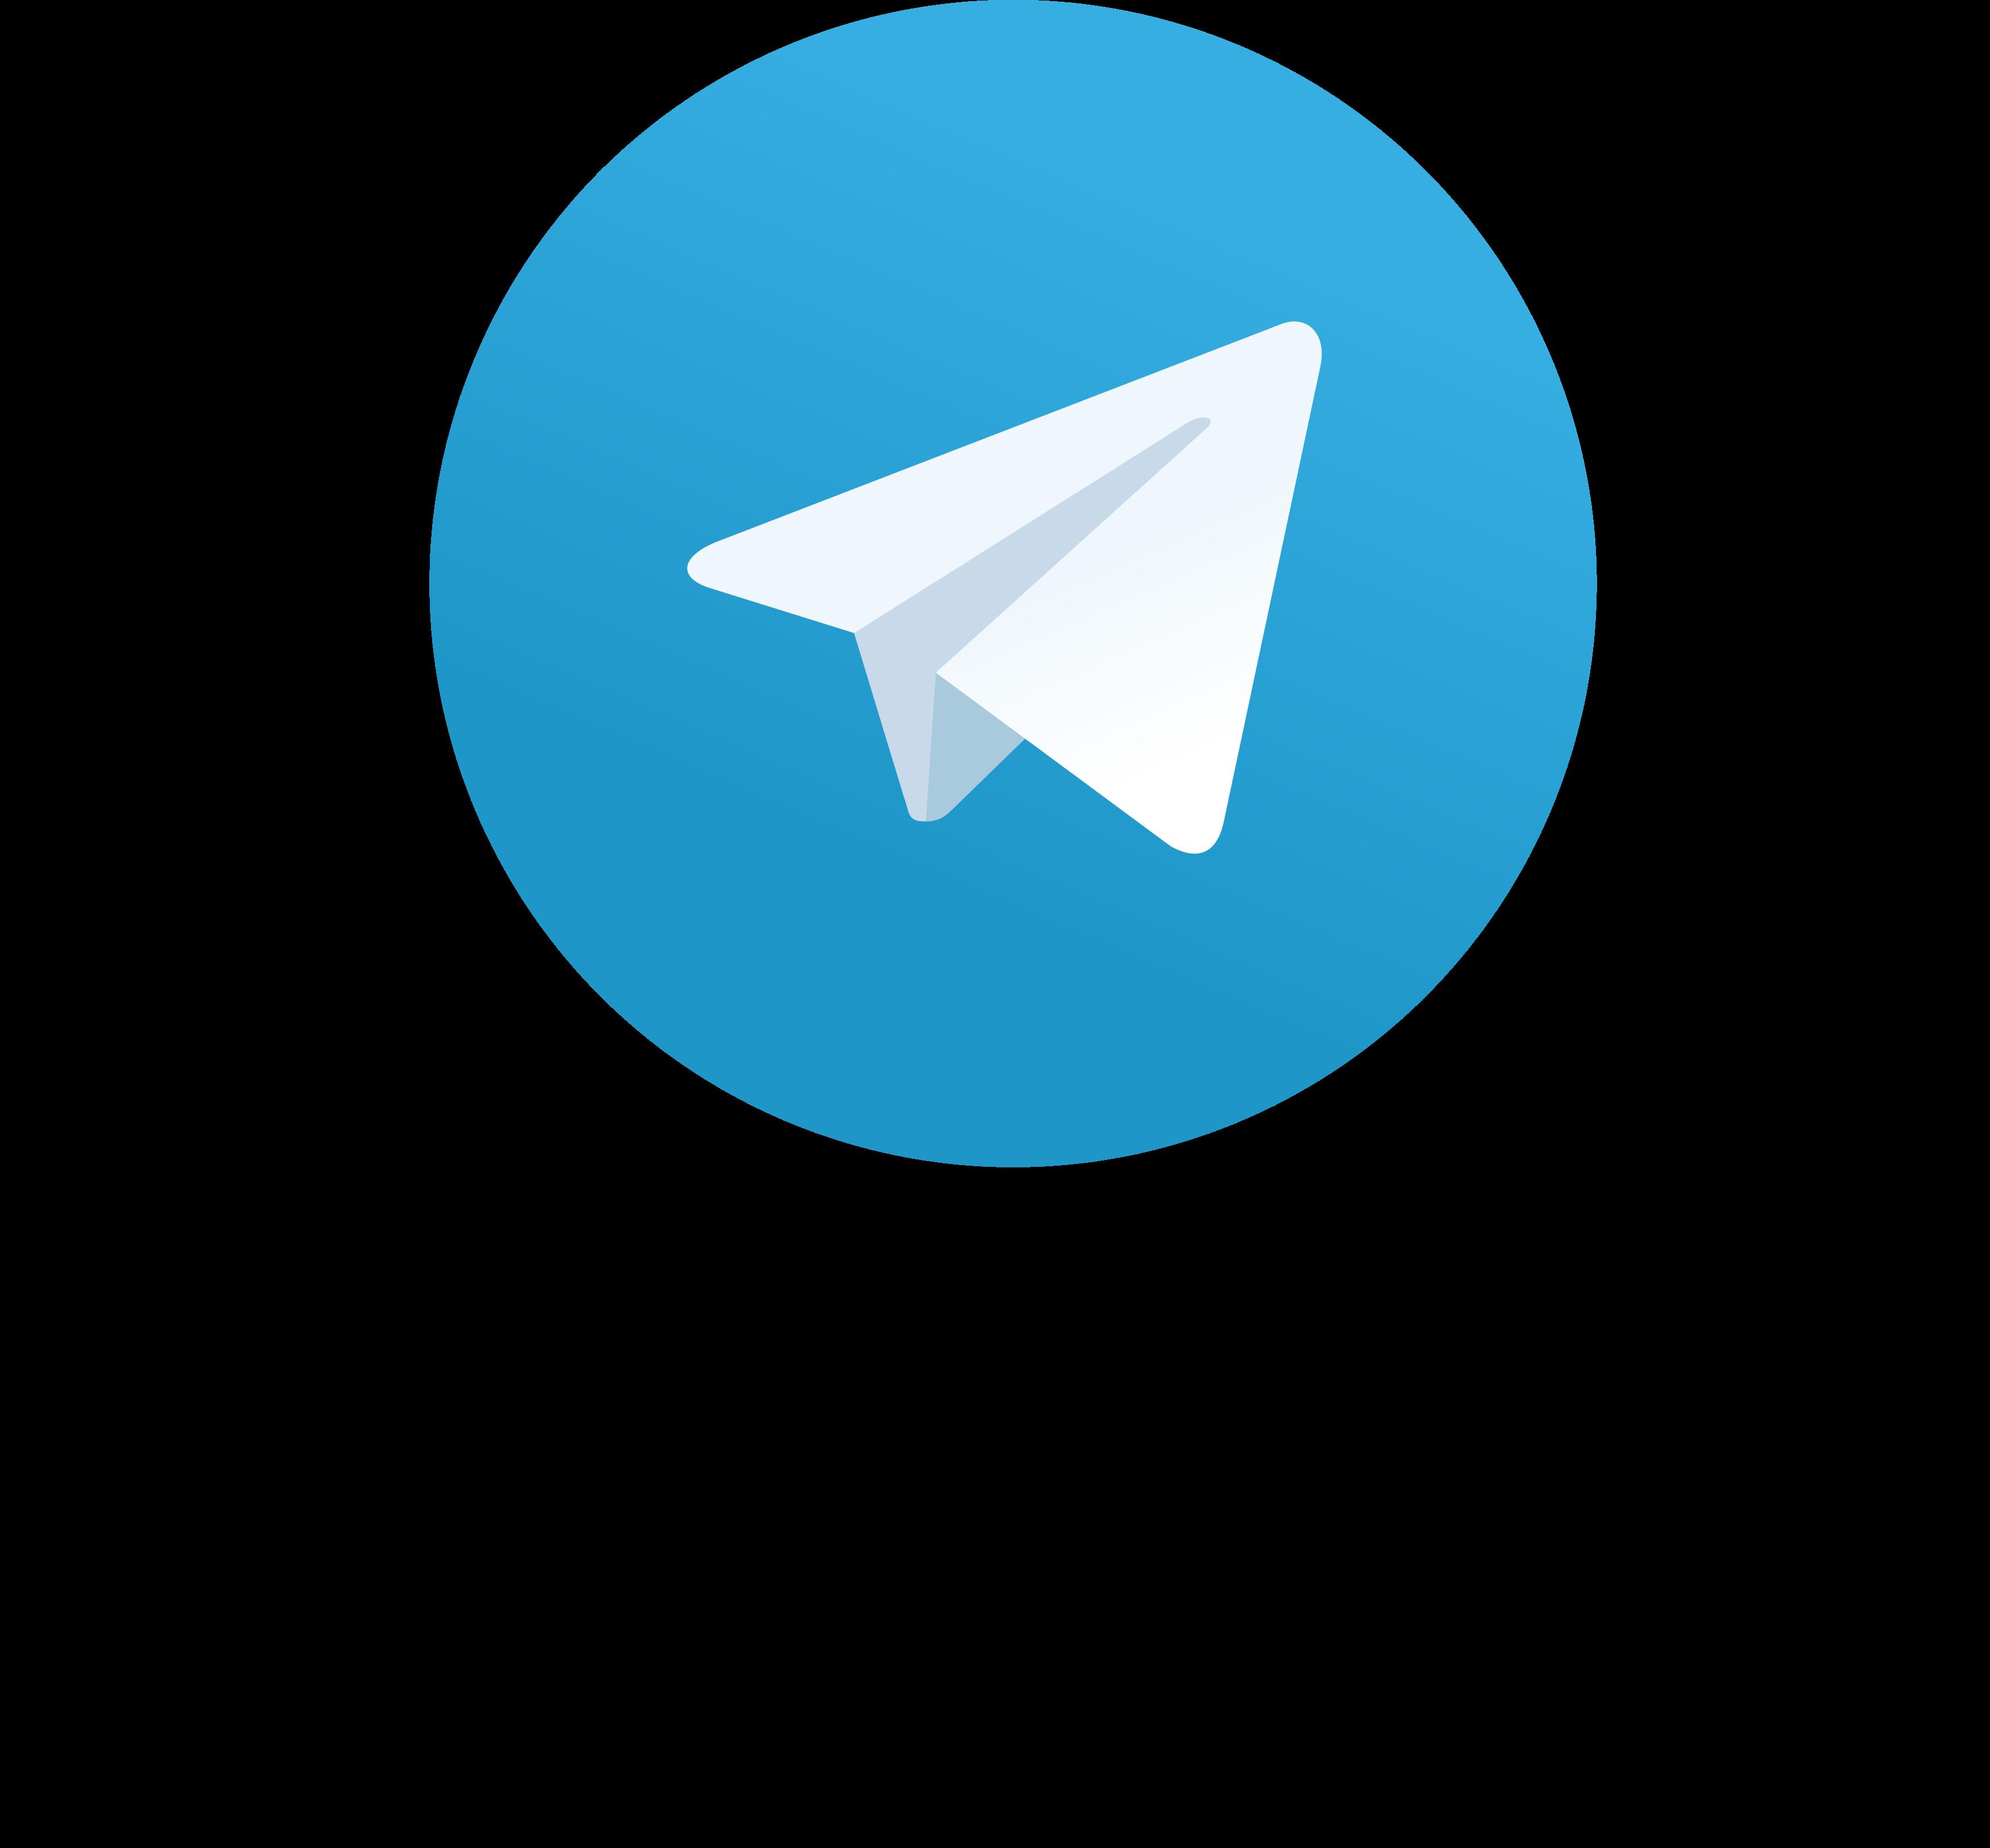 Приглашаем в наши Телеграм-каналы